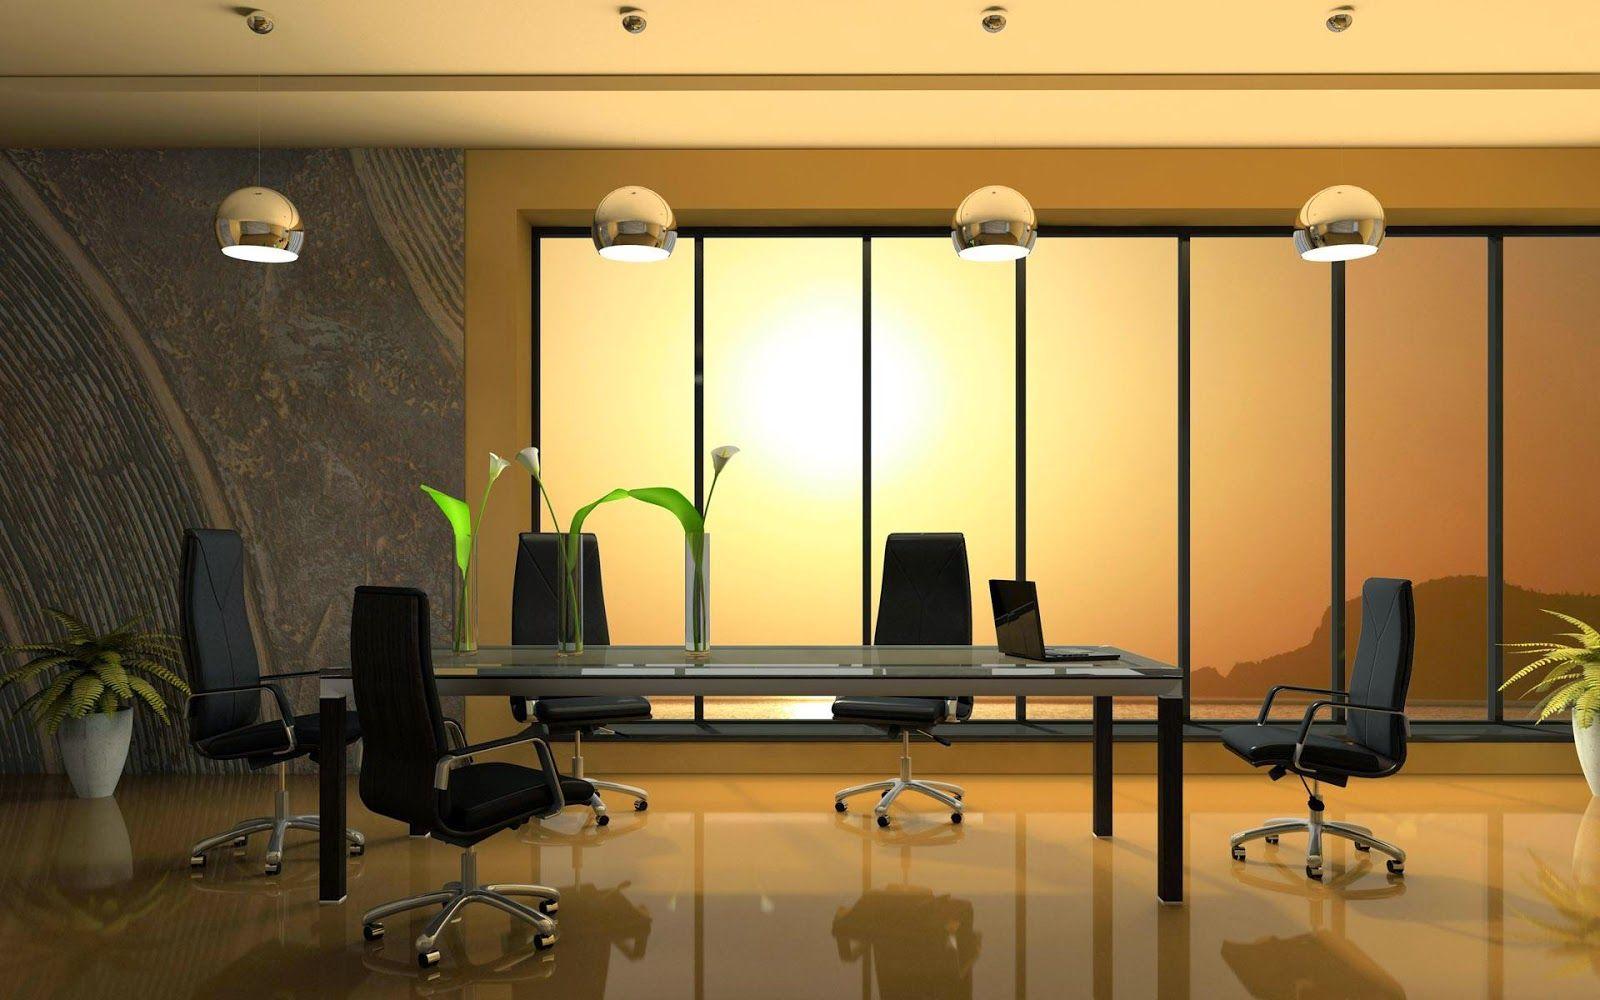 Home Office Paint Color Ideas | Home Office Paint Color Ideas ...